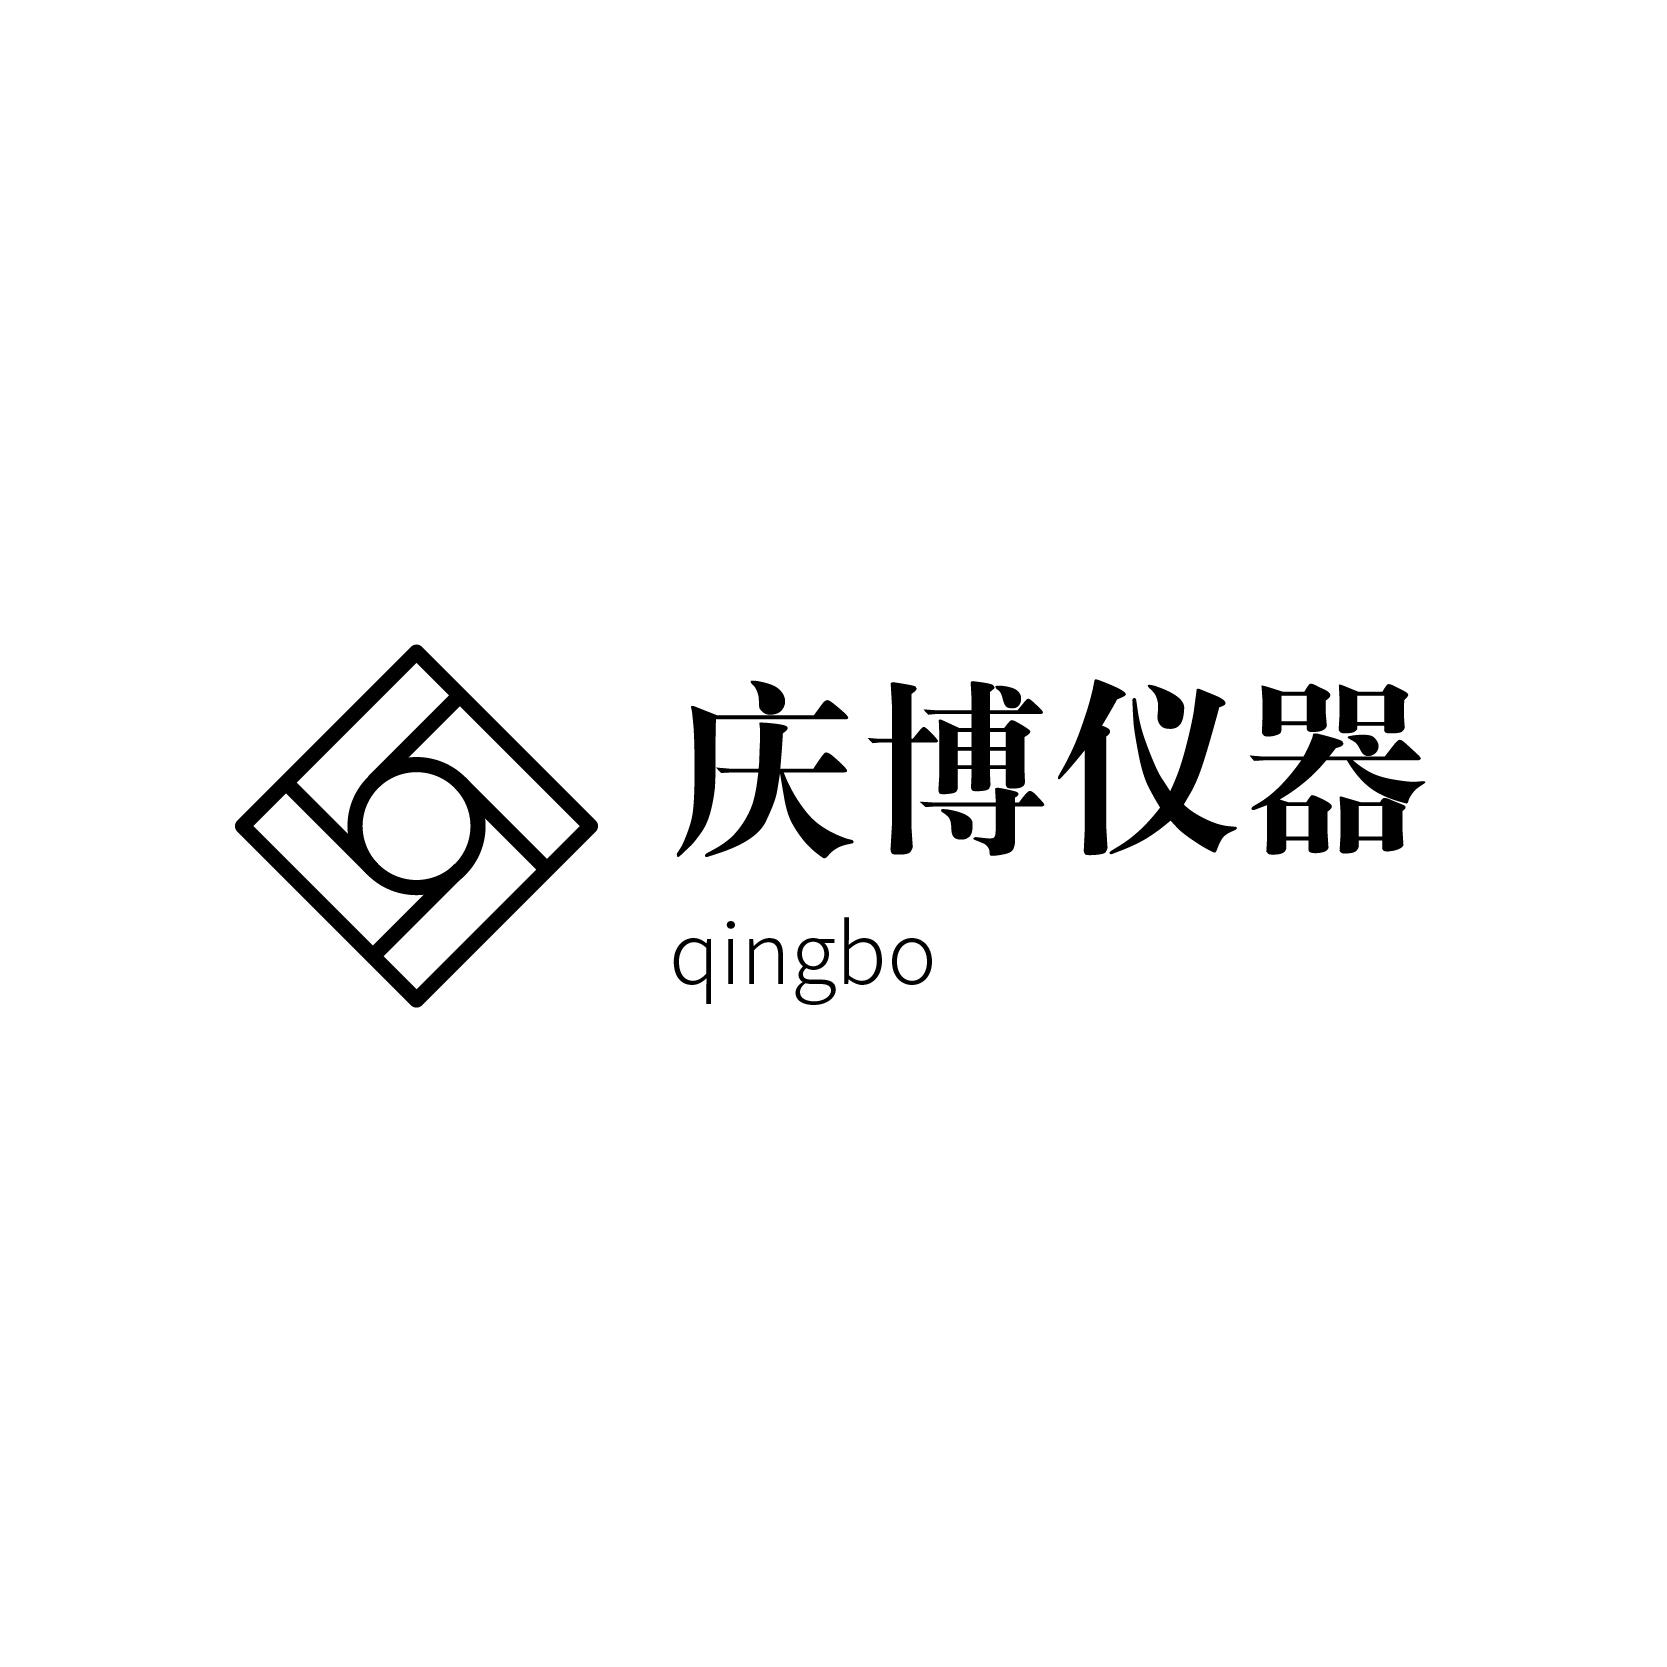 上海庆博试验设备有限公司